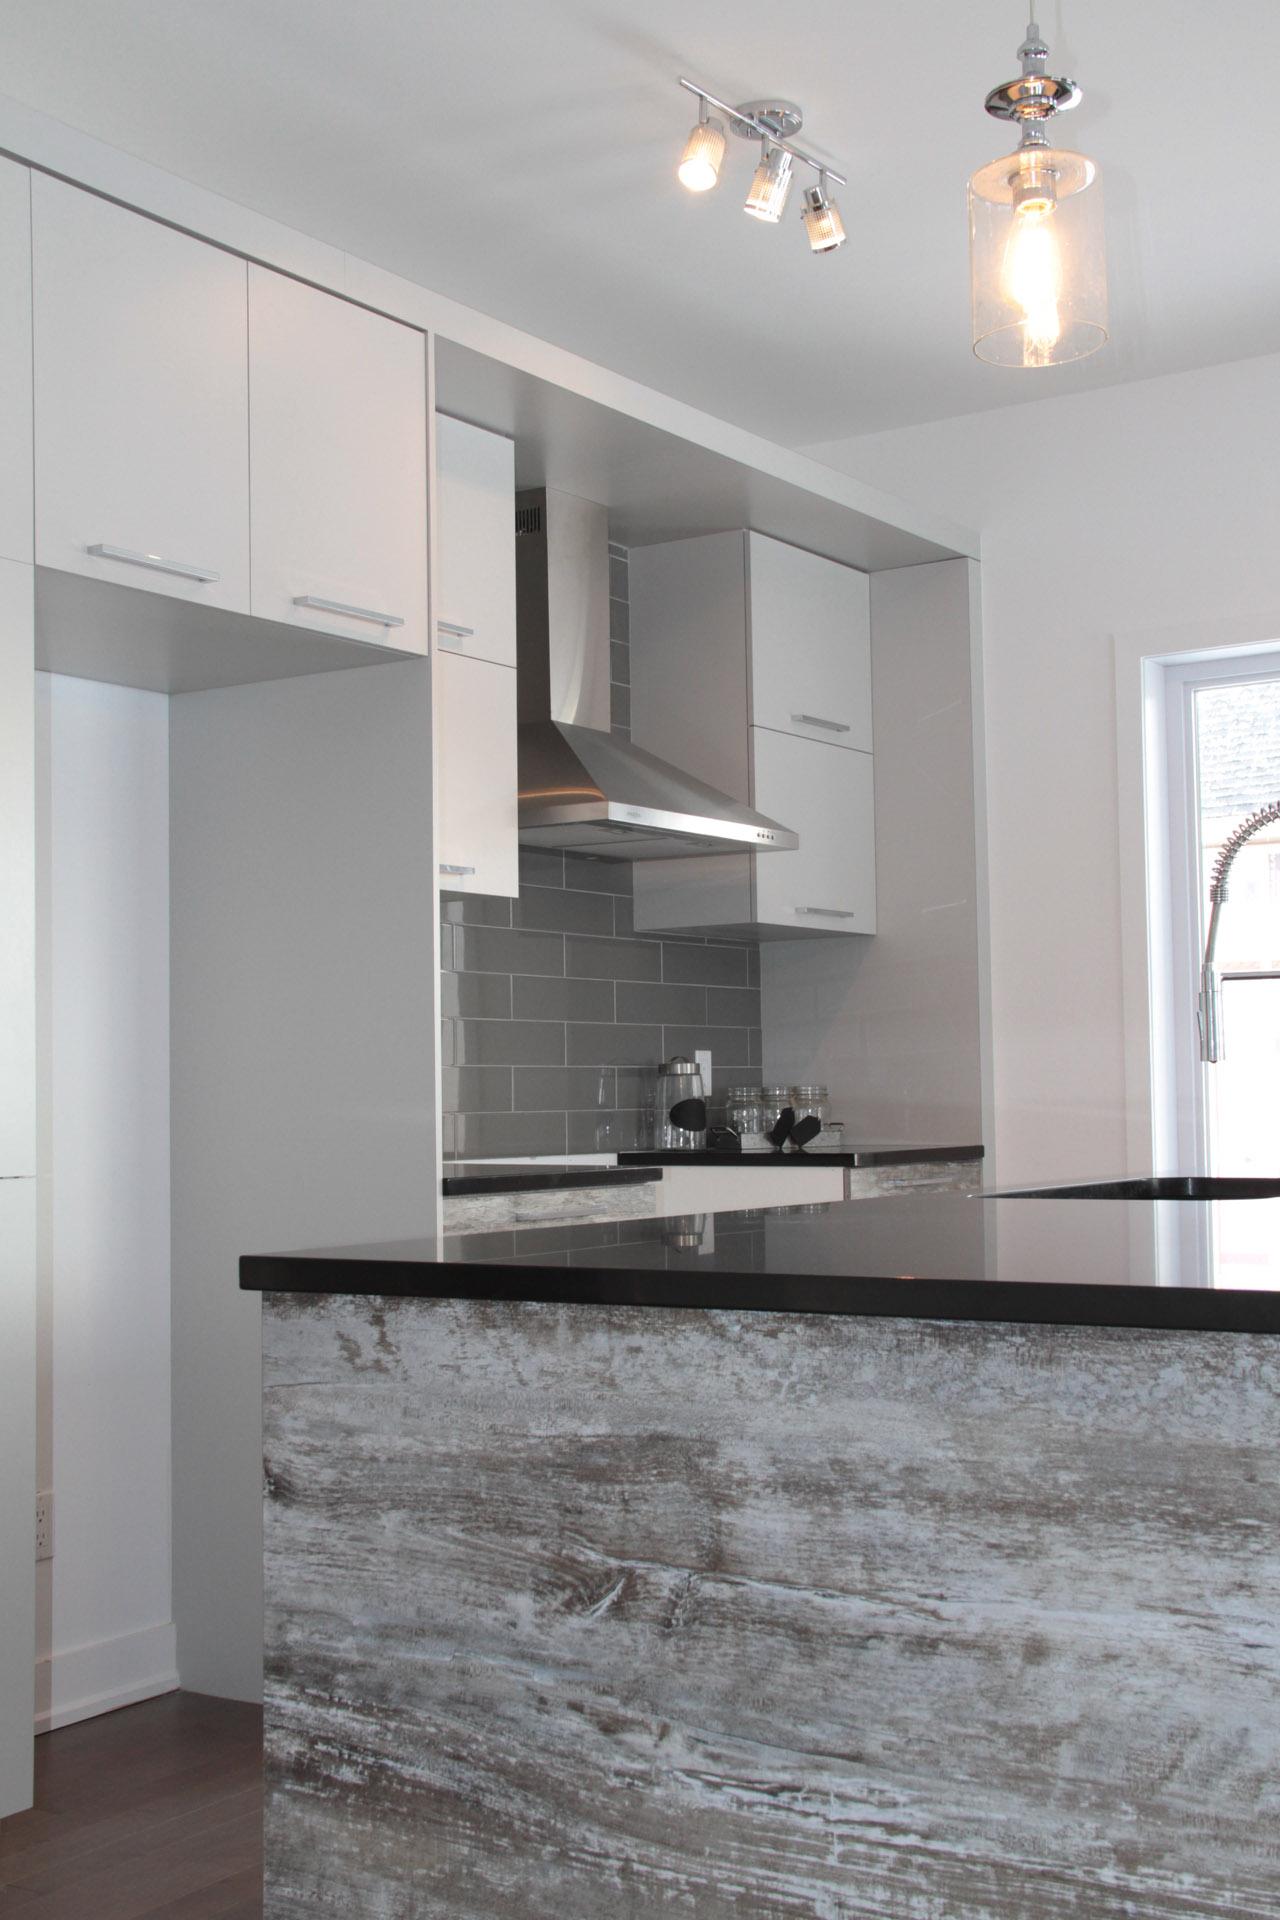 Armoires de cuisine st j r me et r novation salles de for Armoires de cuisine et plus inc